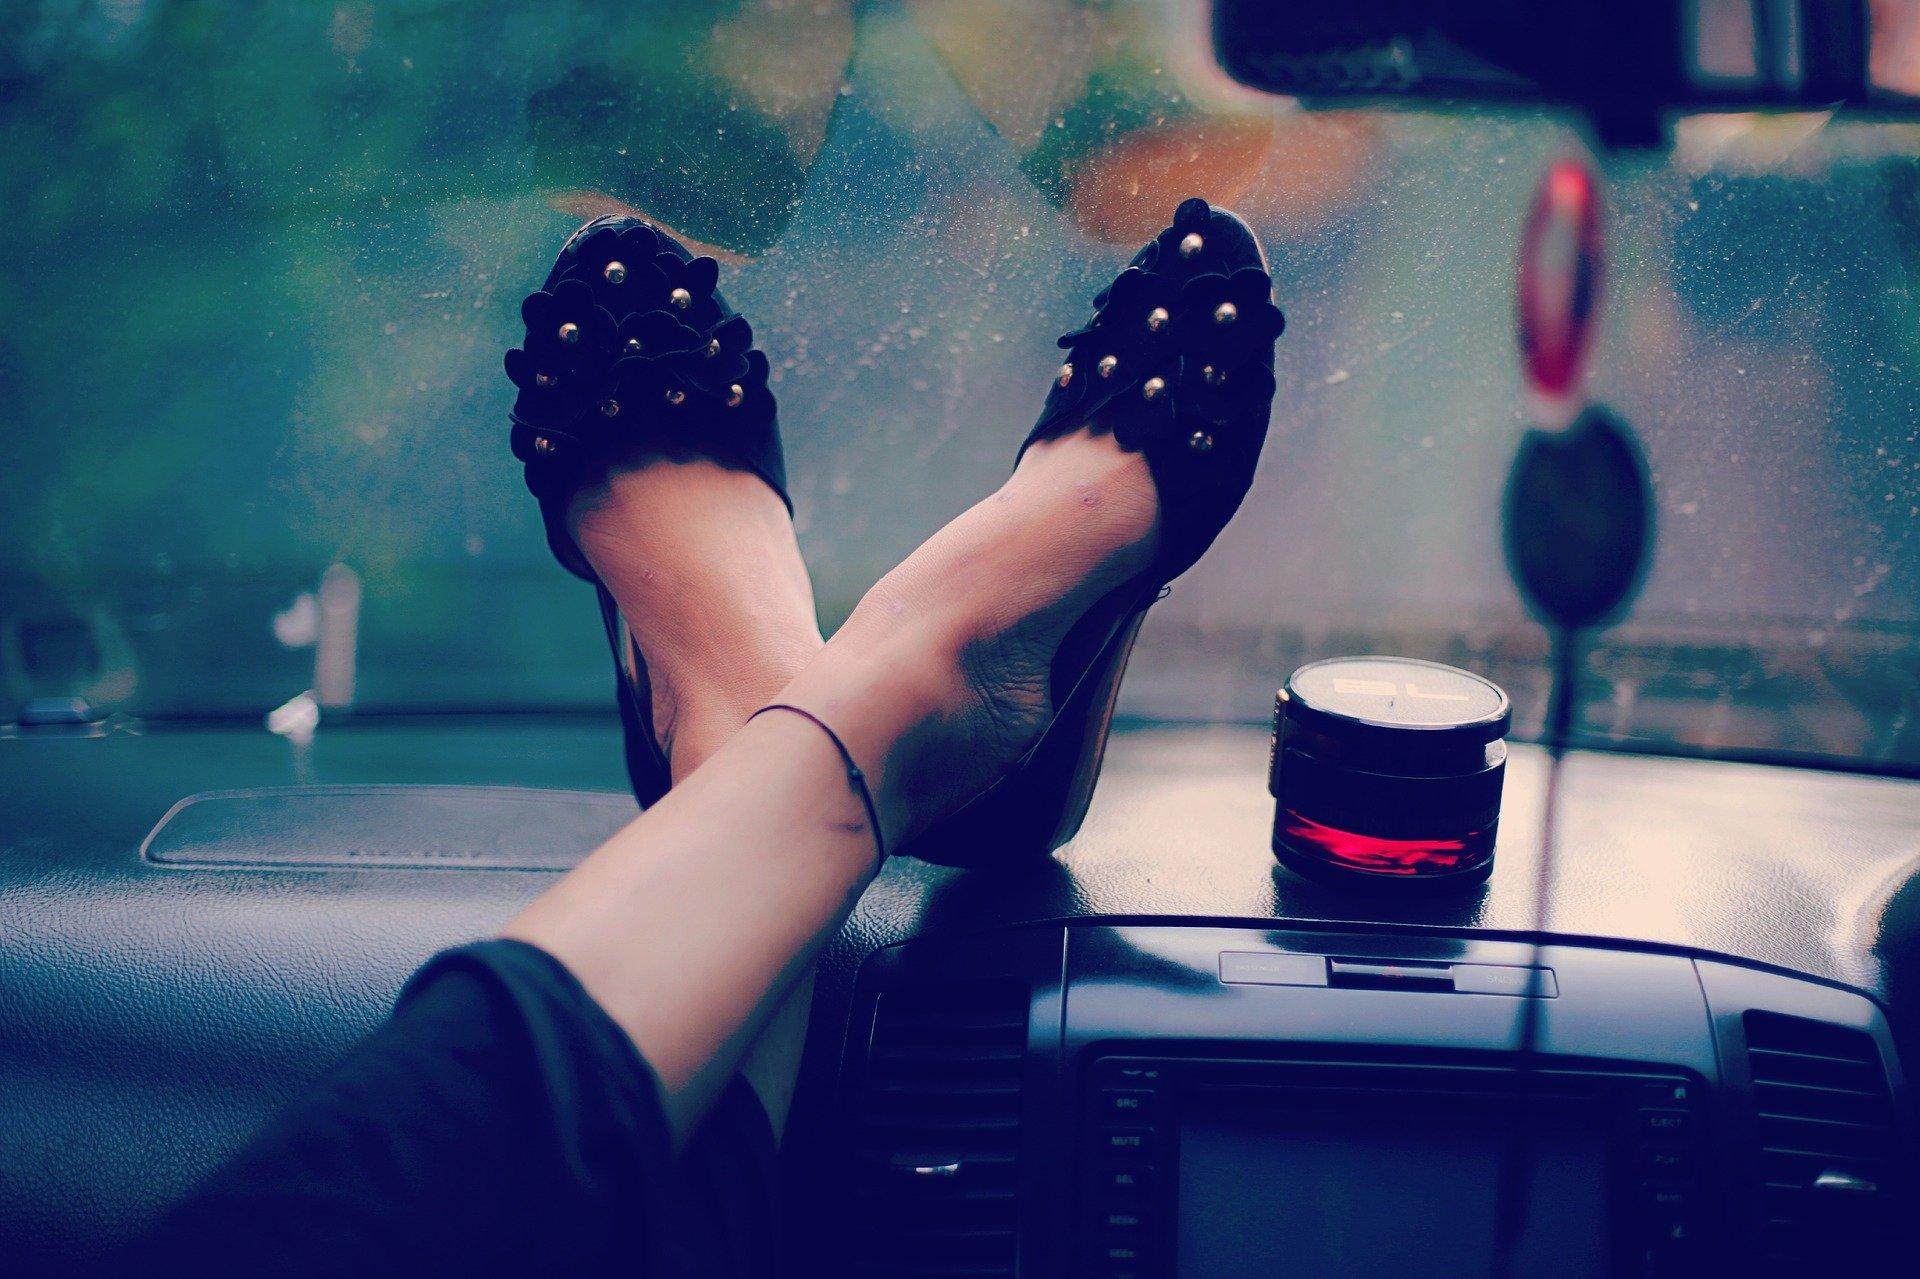 Vemos pés femininos sobre o painel de um carro (imagem ilustrativa). Texto: ideias de negócios lucrativos.